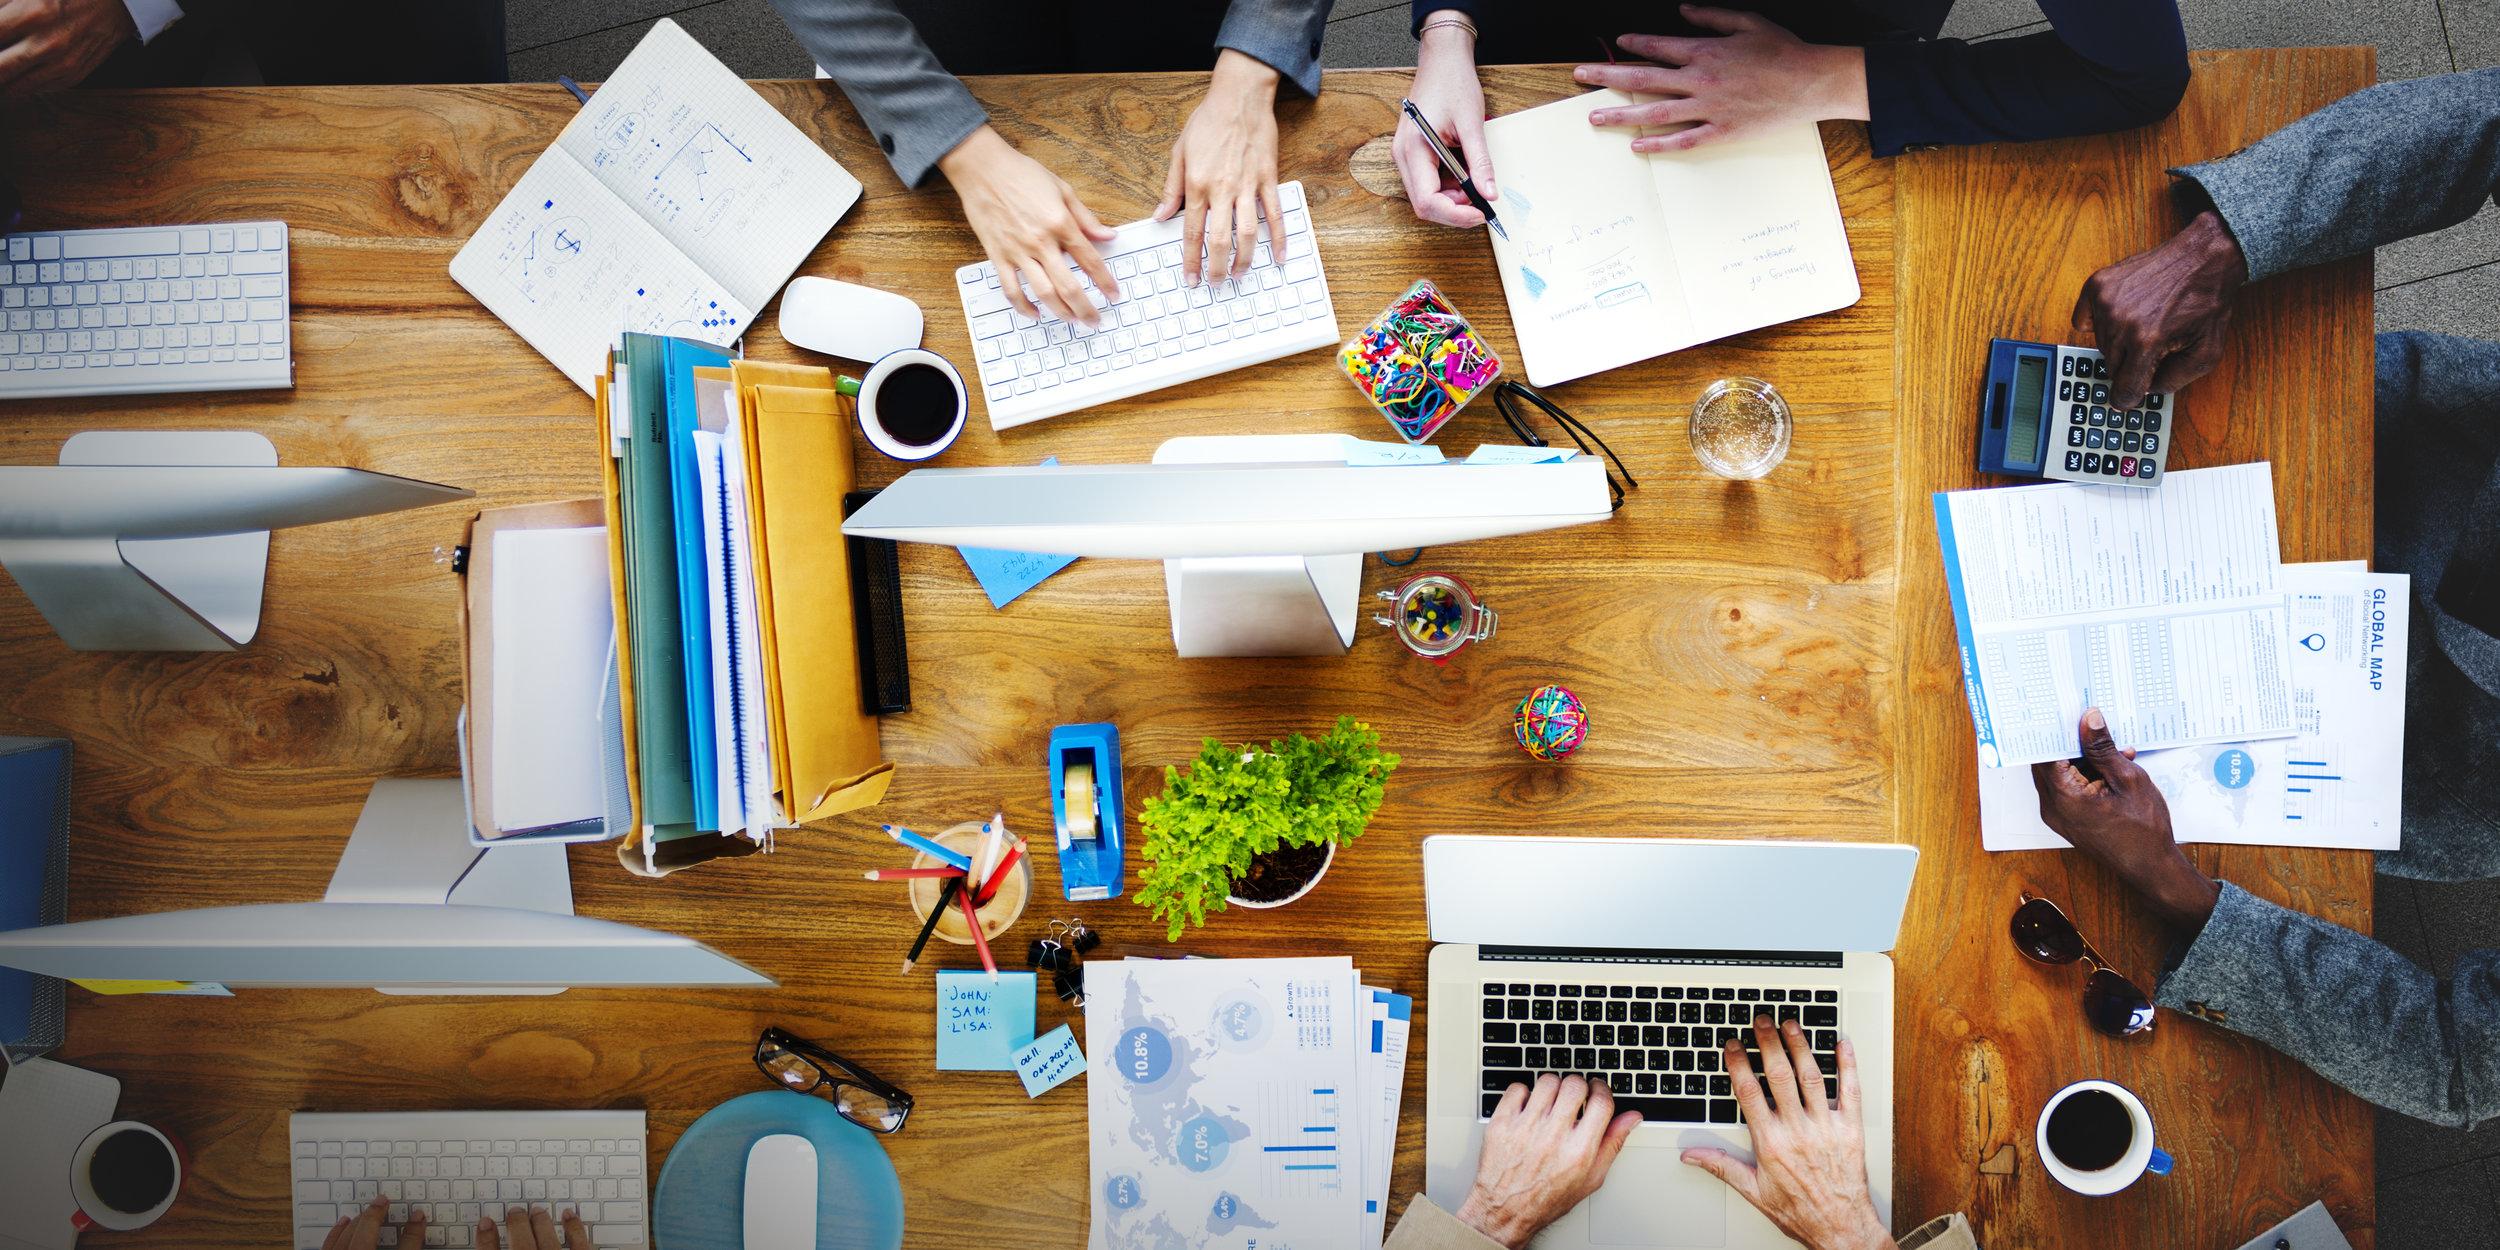 brainstorm_desk_shutterstock_375016888.jpg